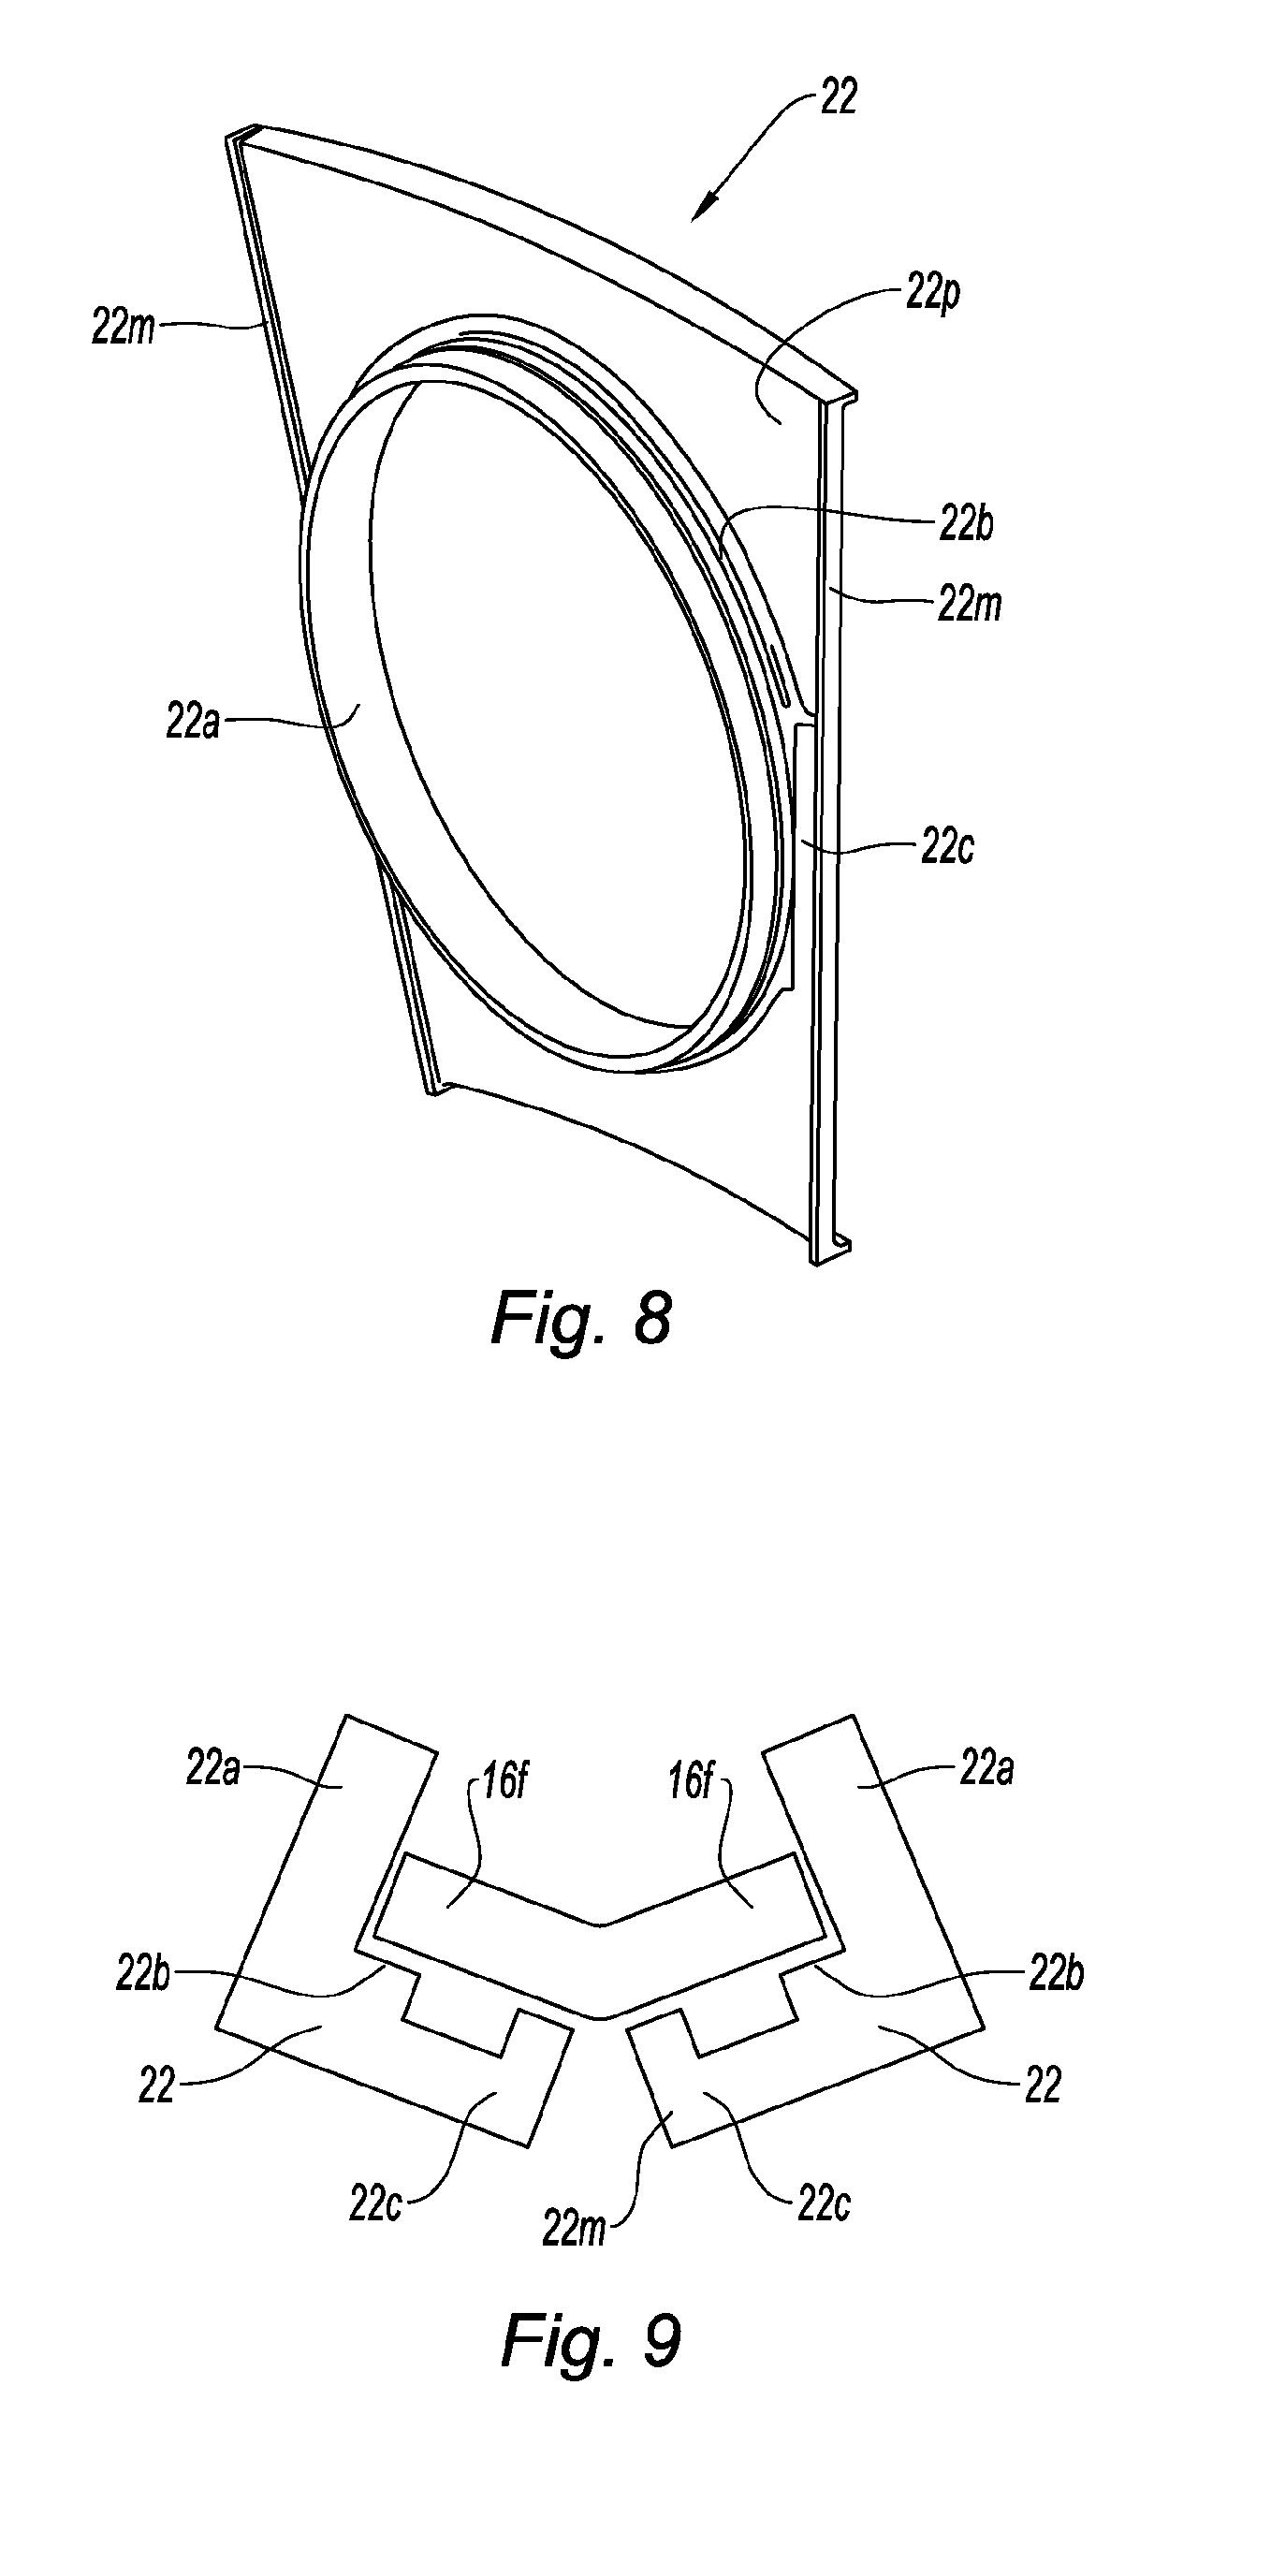 patent ep2040001a2 chambre de combustion annulaire de